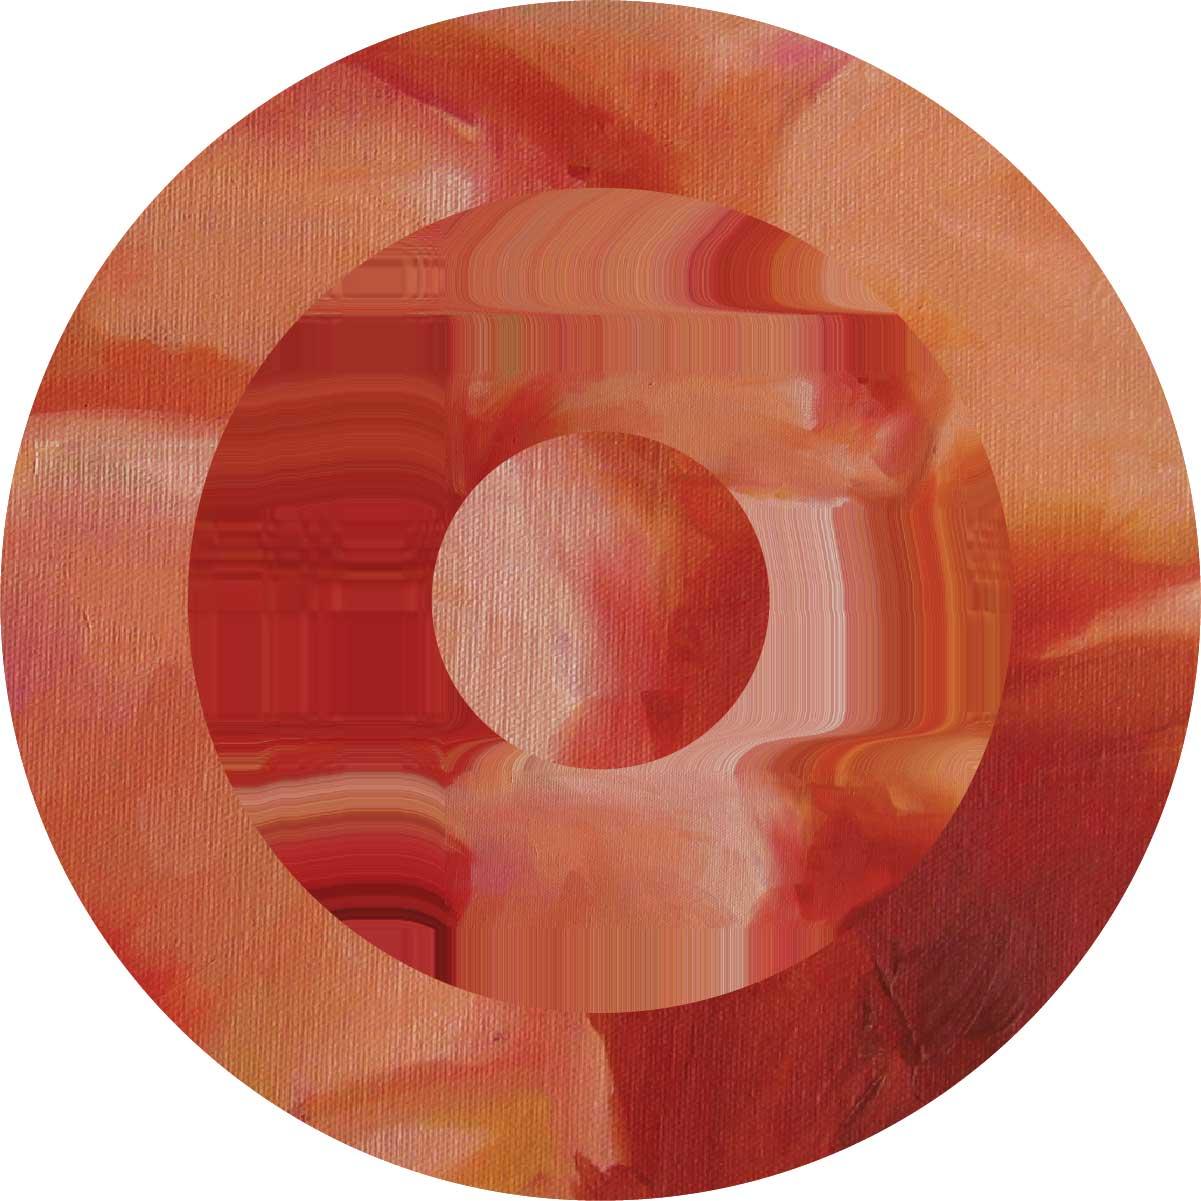 c-glitch_06-14_oil1-06